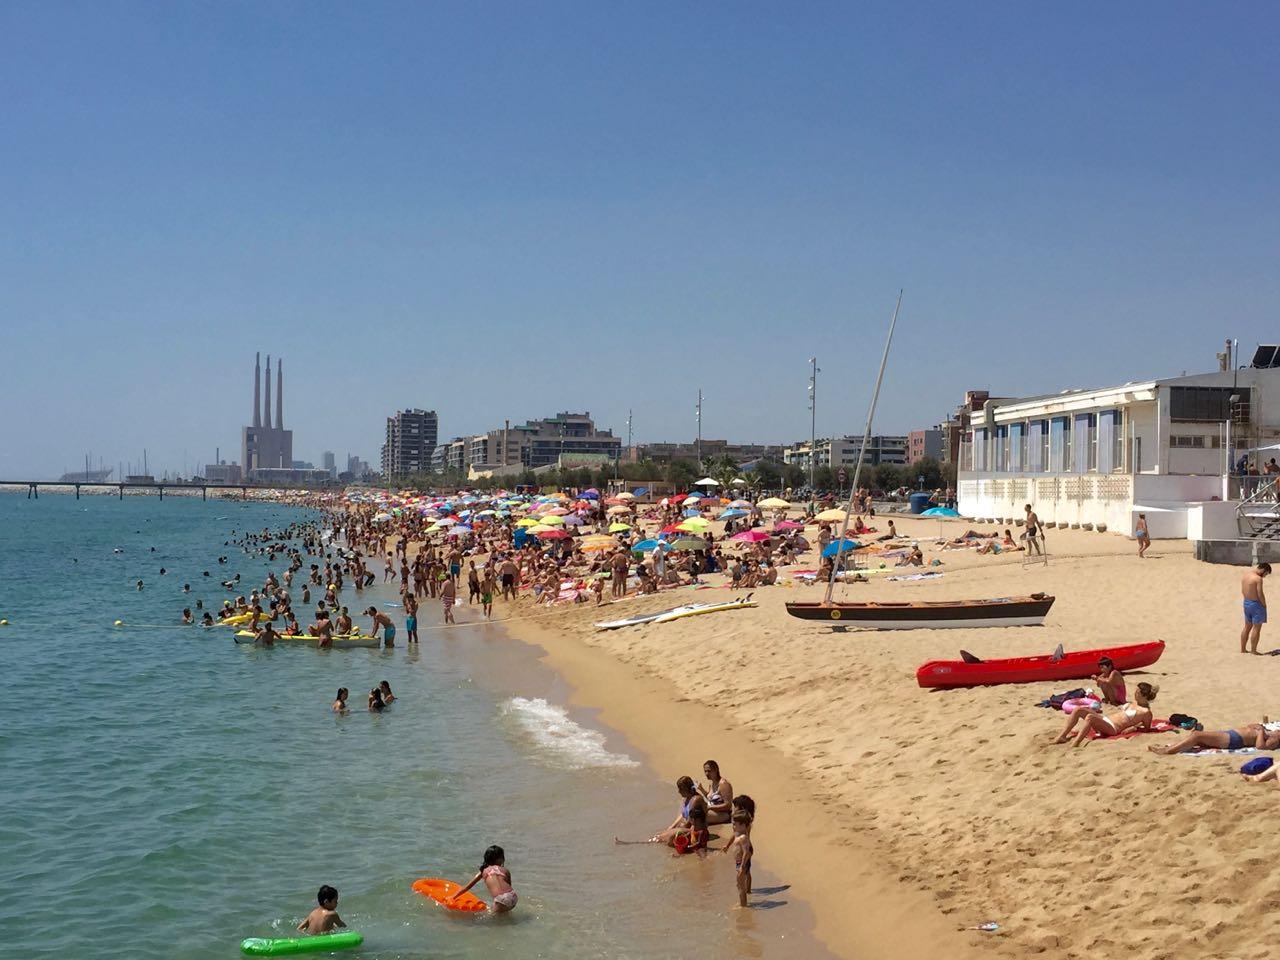 La plage de Badalona, près de Barcelone.